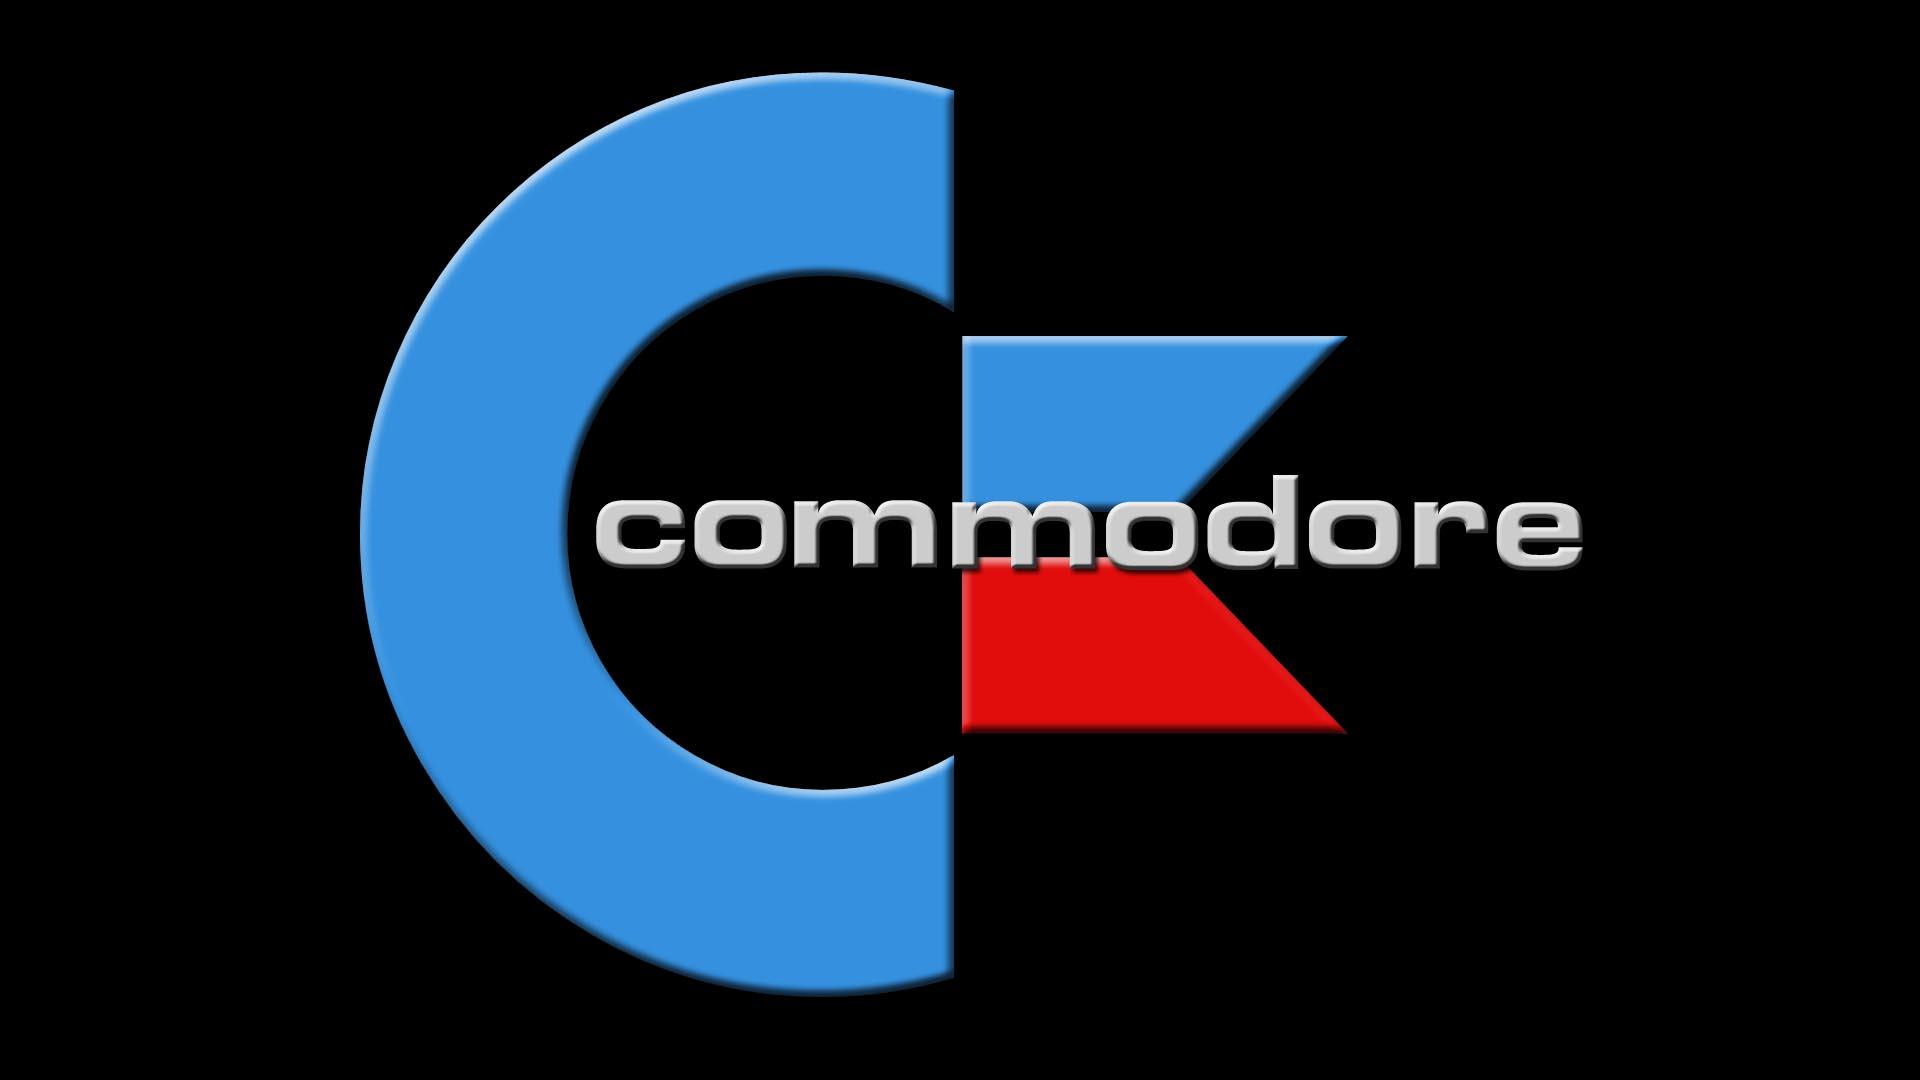 Commodore.jpg